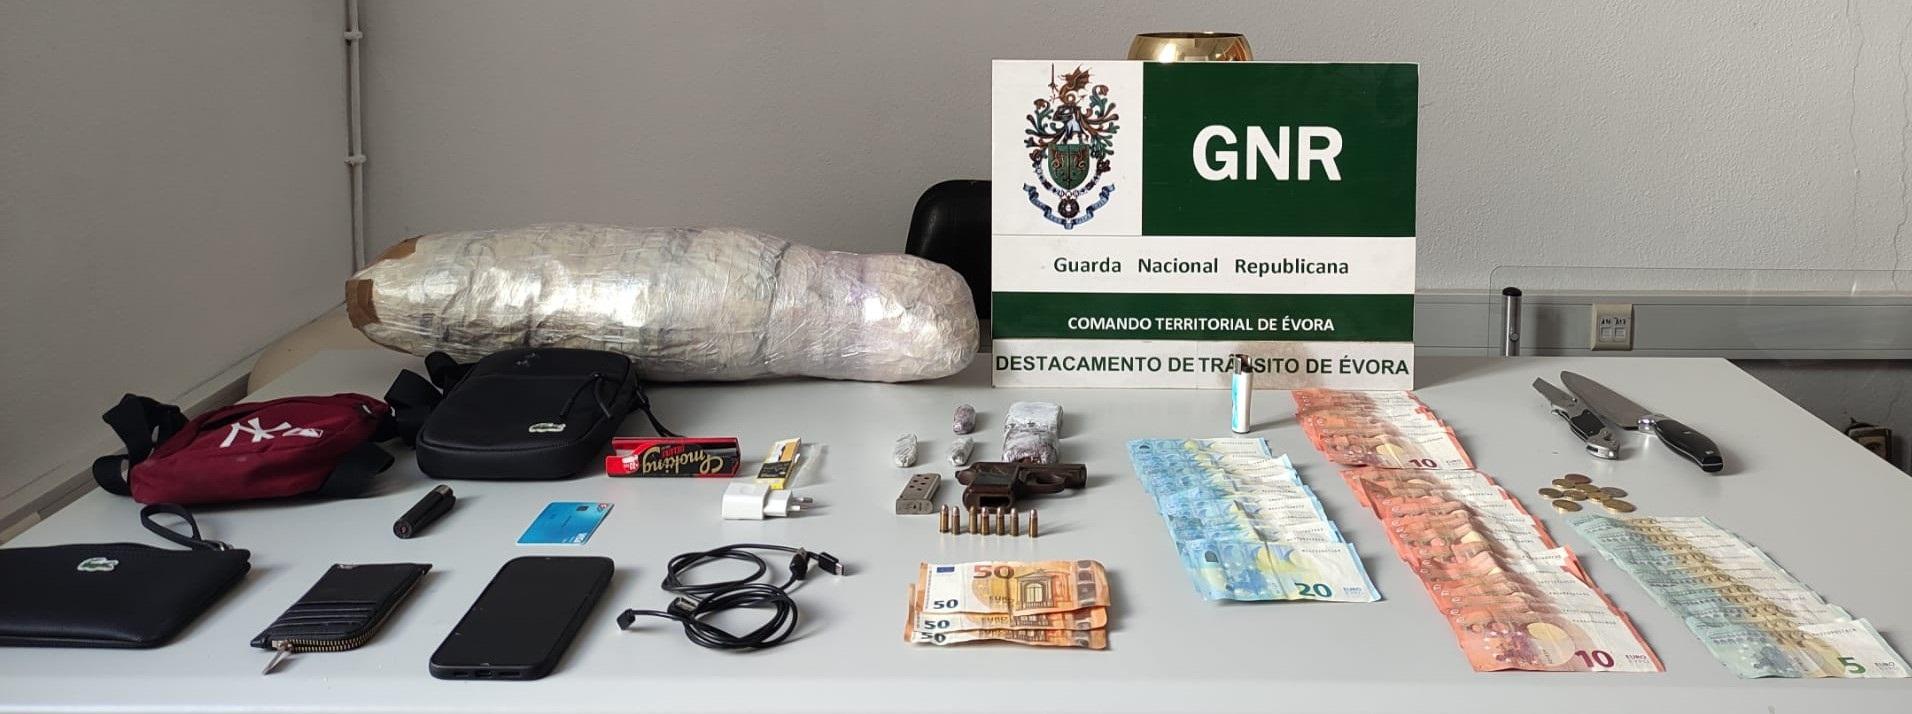 Dois homens detidos em flagrante por posse de droga no concelho de Évora